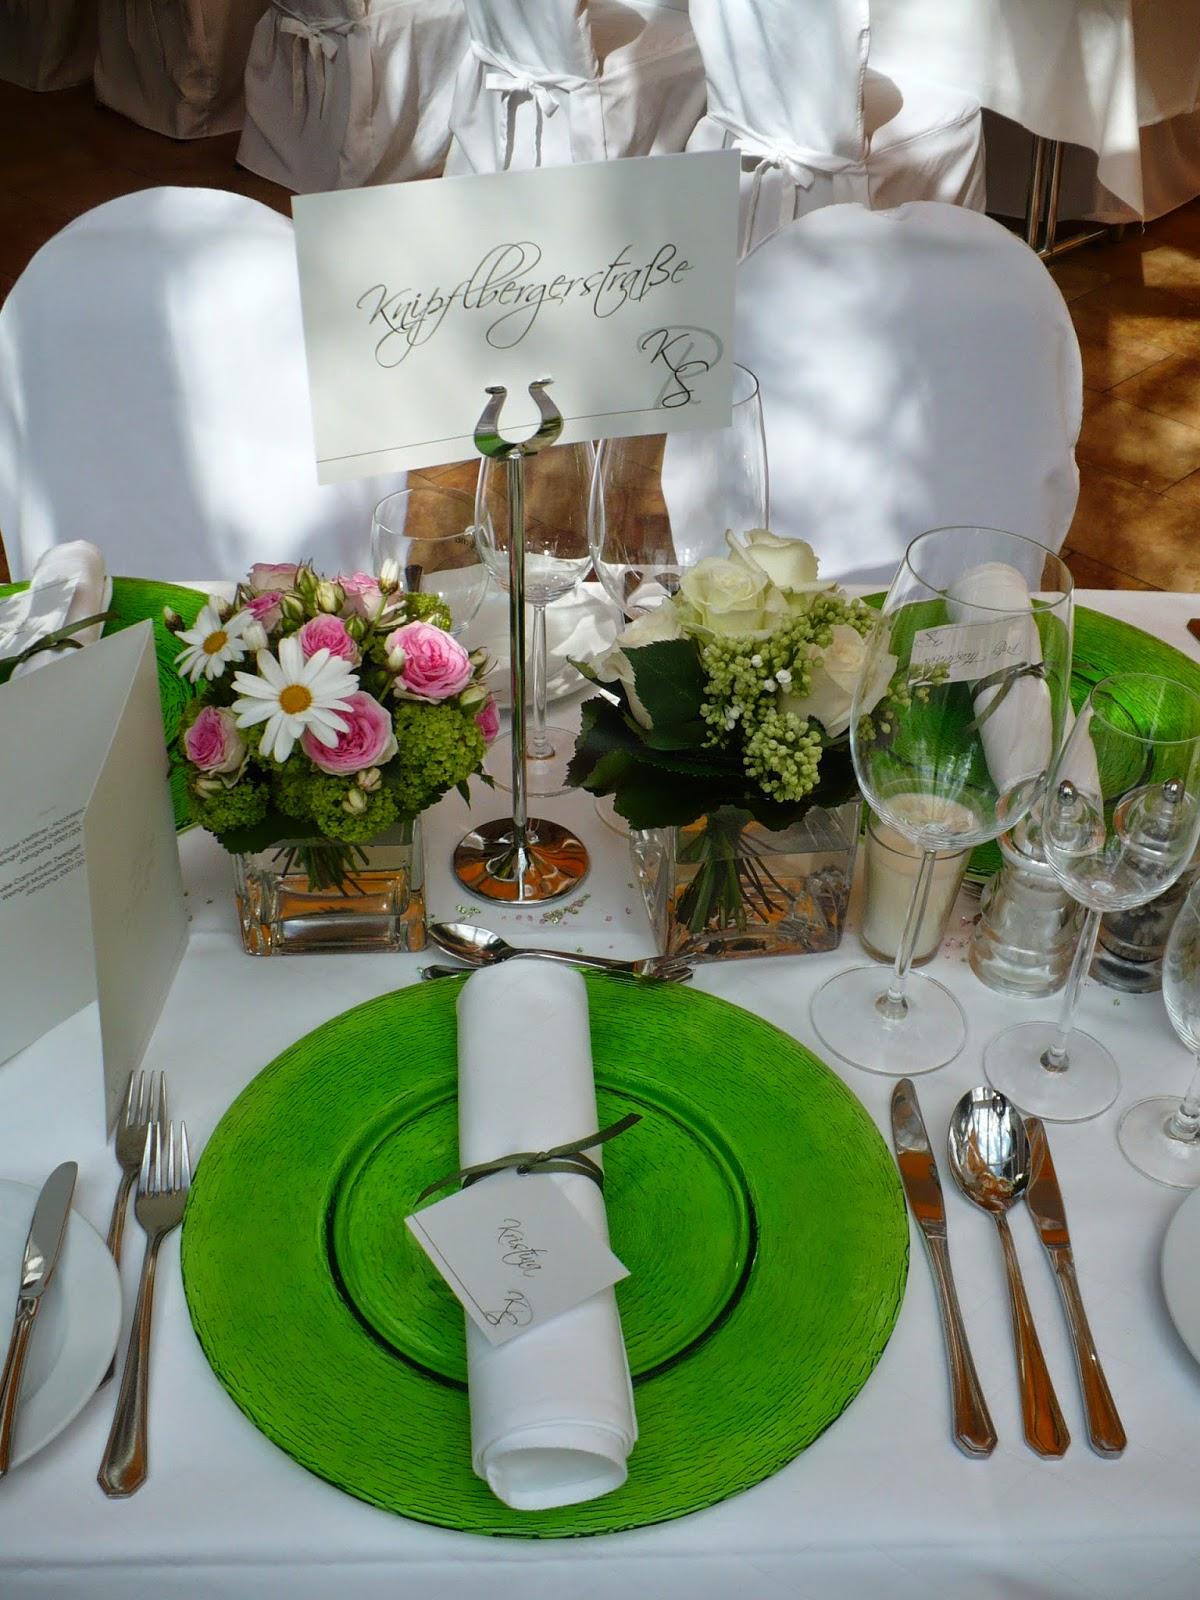 Farbschema Grün-Weiß